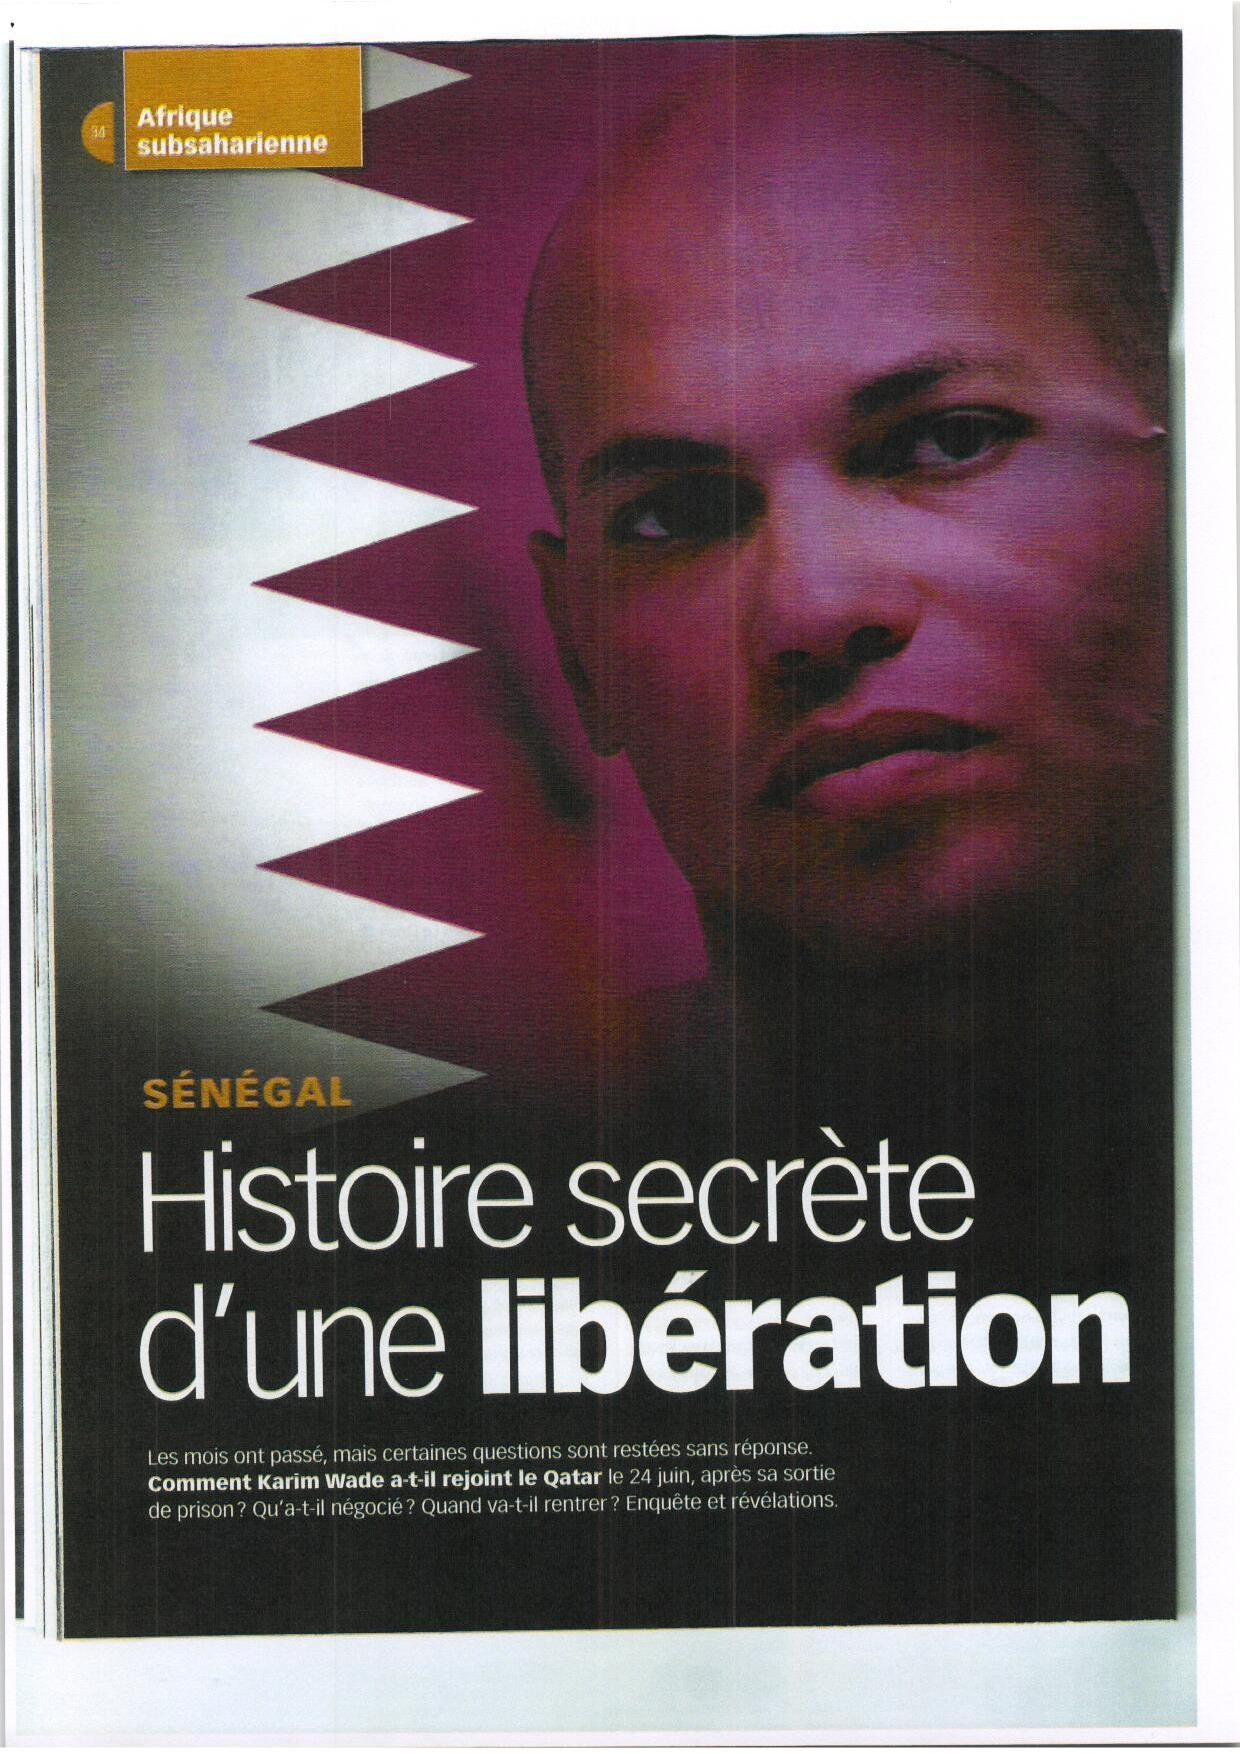 Enquête JA  : L'énigme Karim Wade ou l'histoire d'une libération secrète